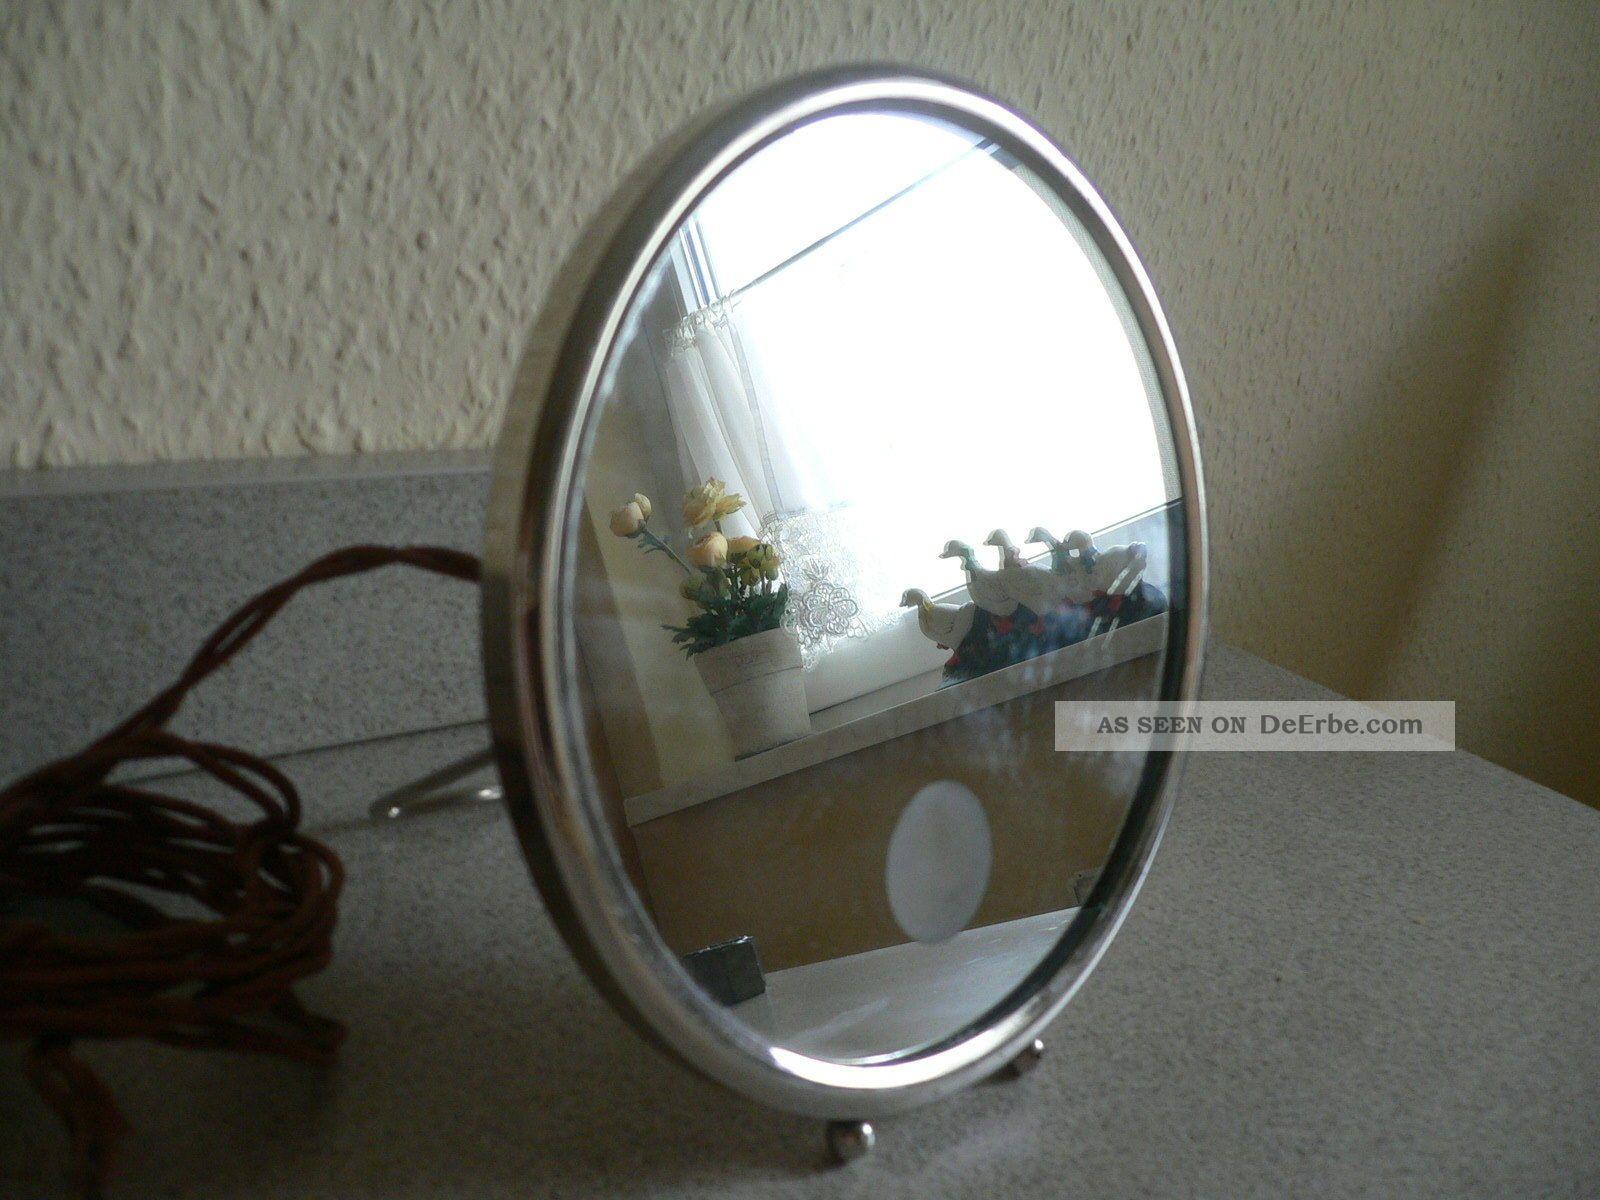 spiegel rasierspiegel kosmetikspiegel mit lampe artdeco frankreich um 1930. Black Bedroom Furniture Sets. Home Design Ideas